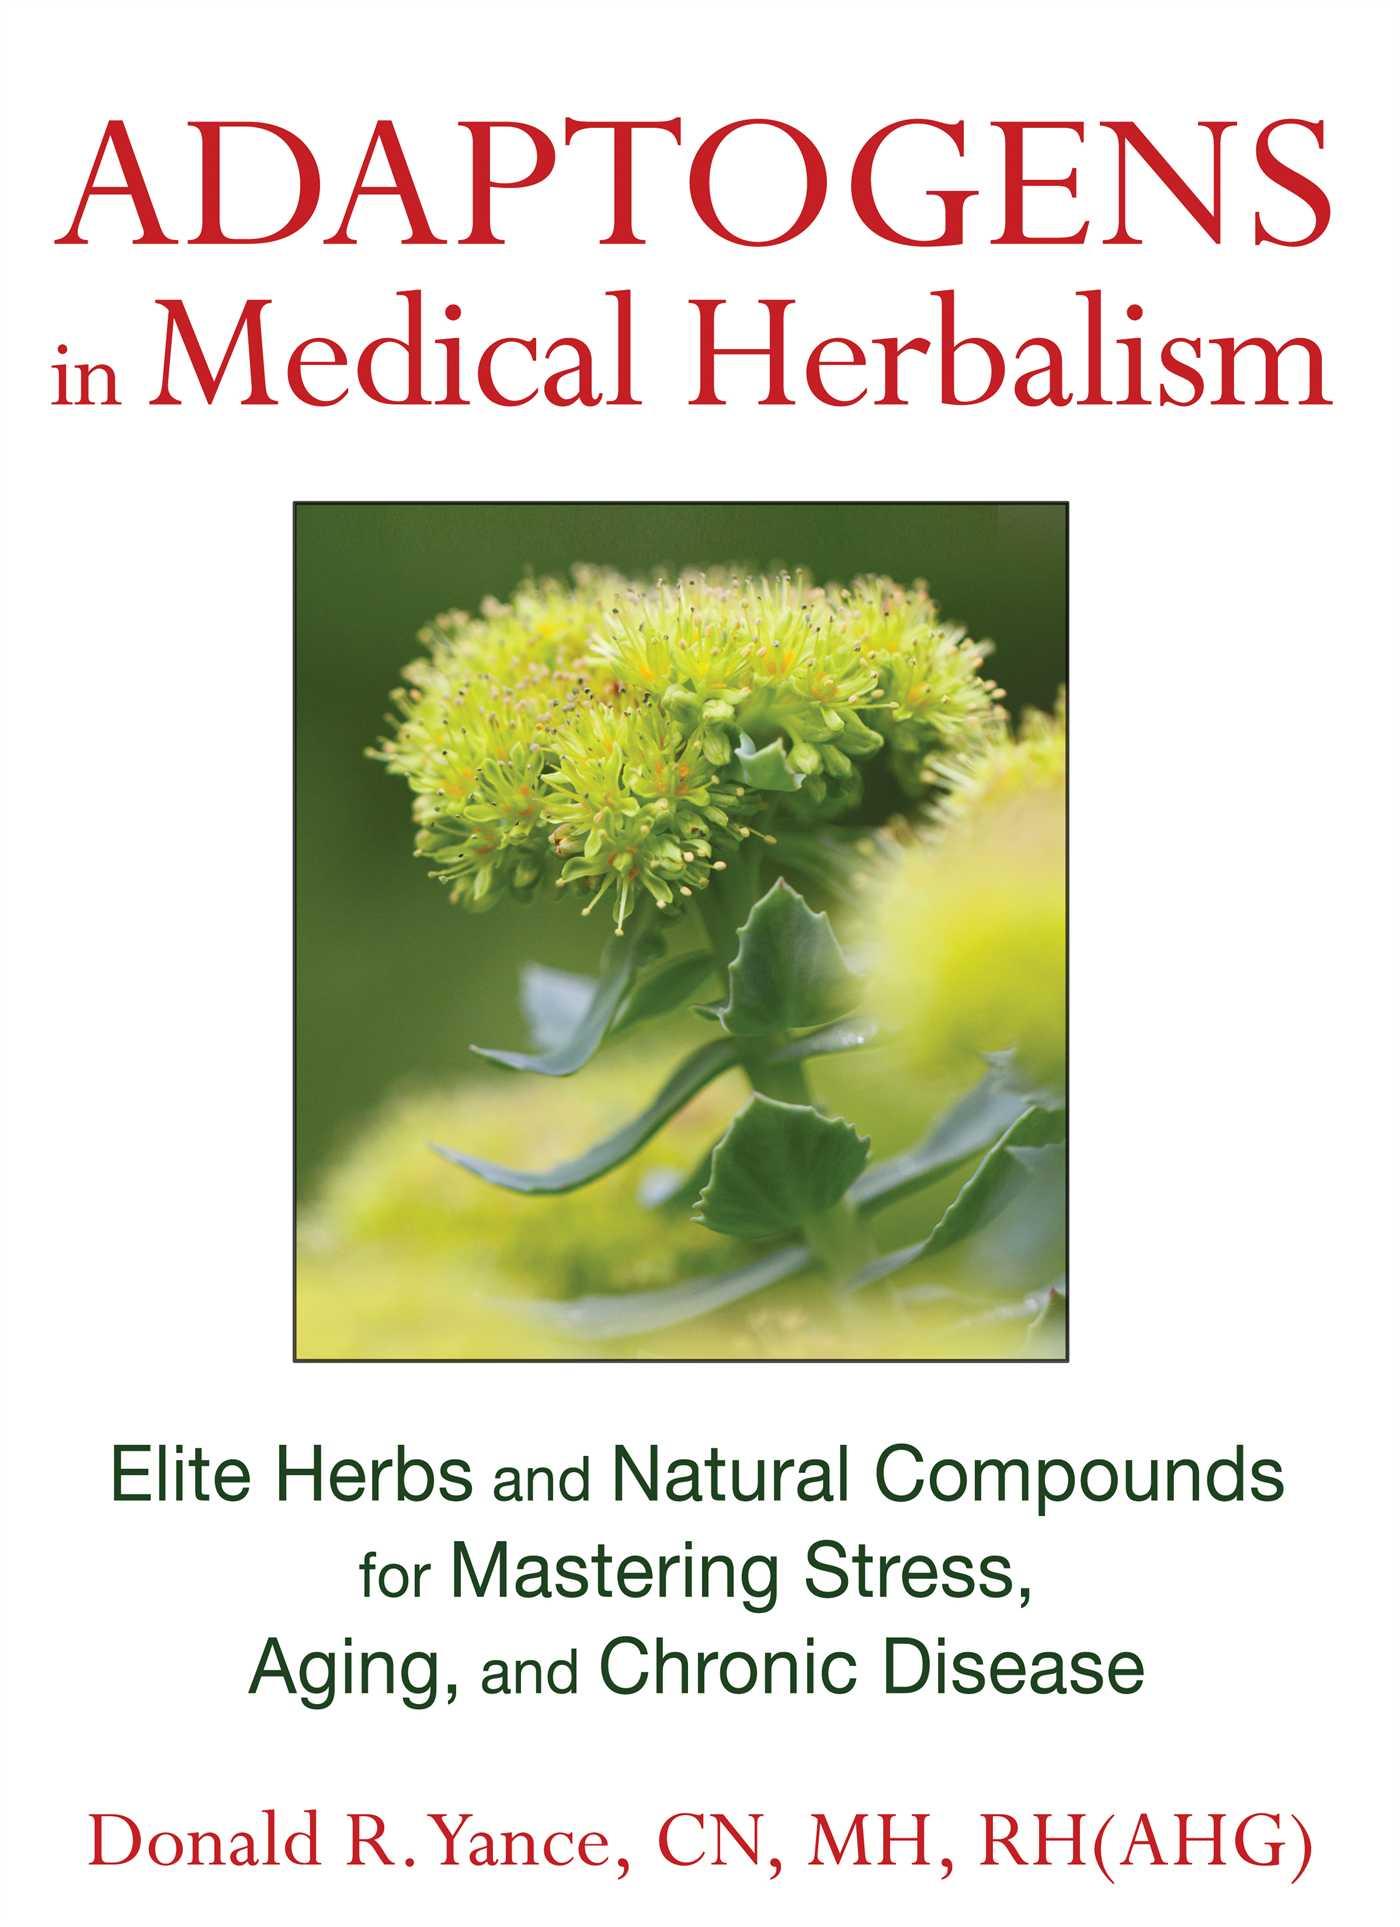 Adaptogens in medical herbalism 9781620551004 hr